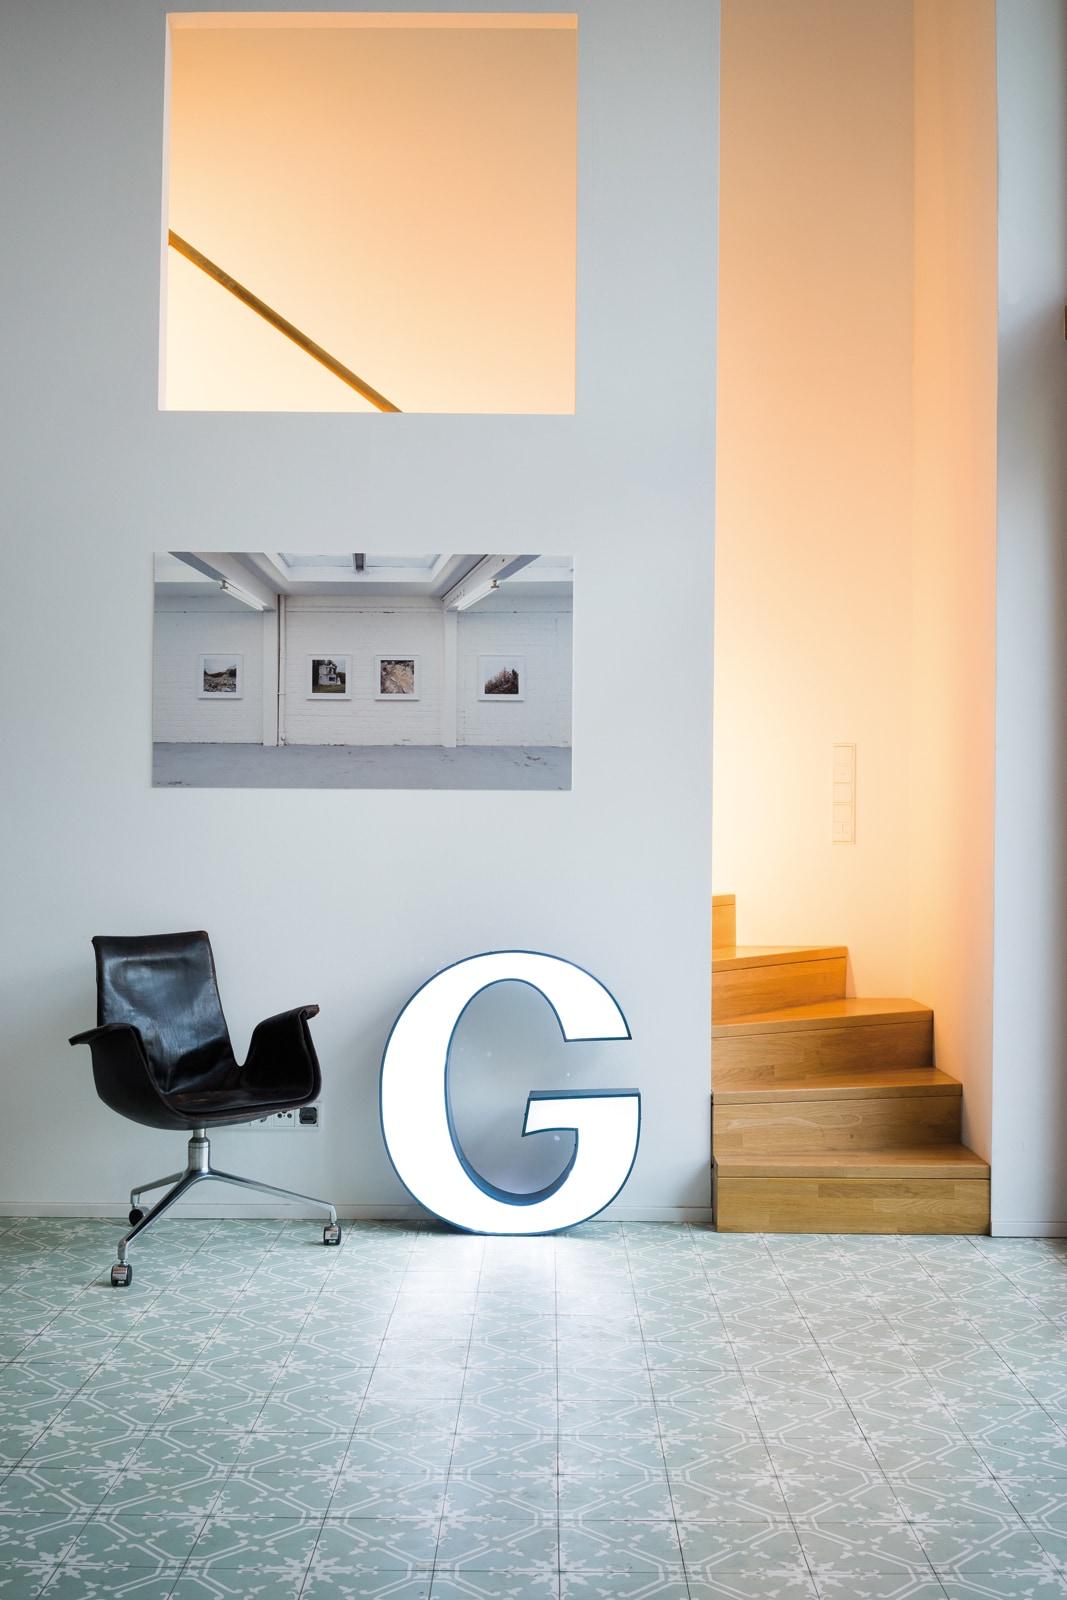 zementmosaikplatte-nummer-11550-living-via-gmbh_LR | 11550